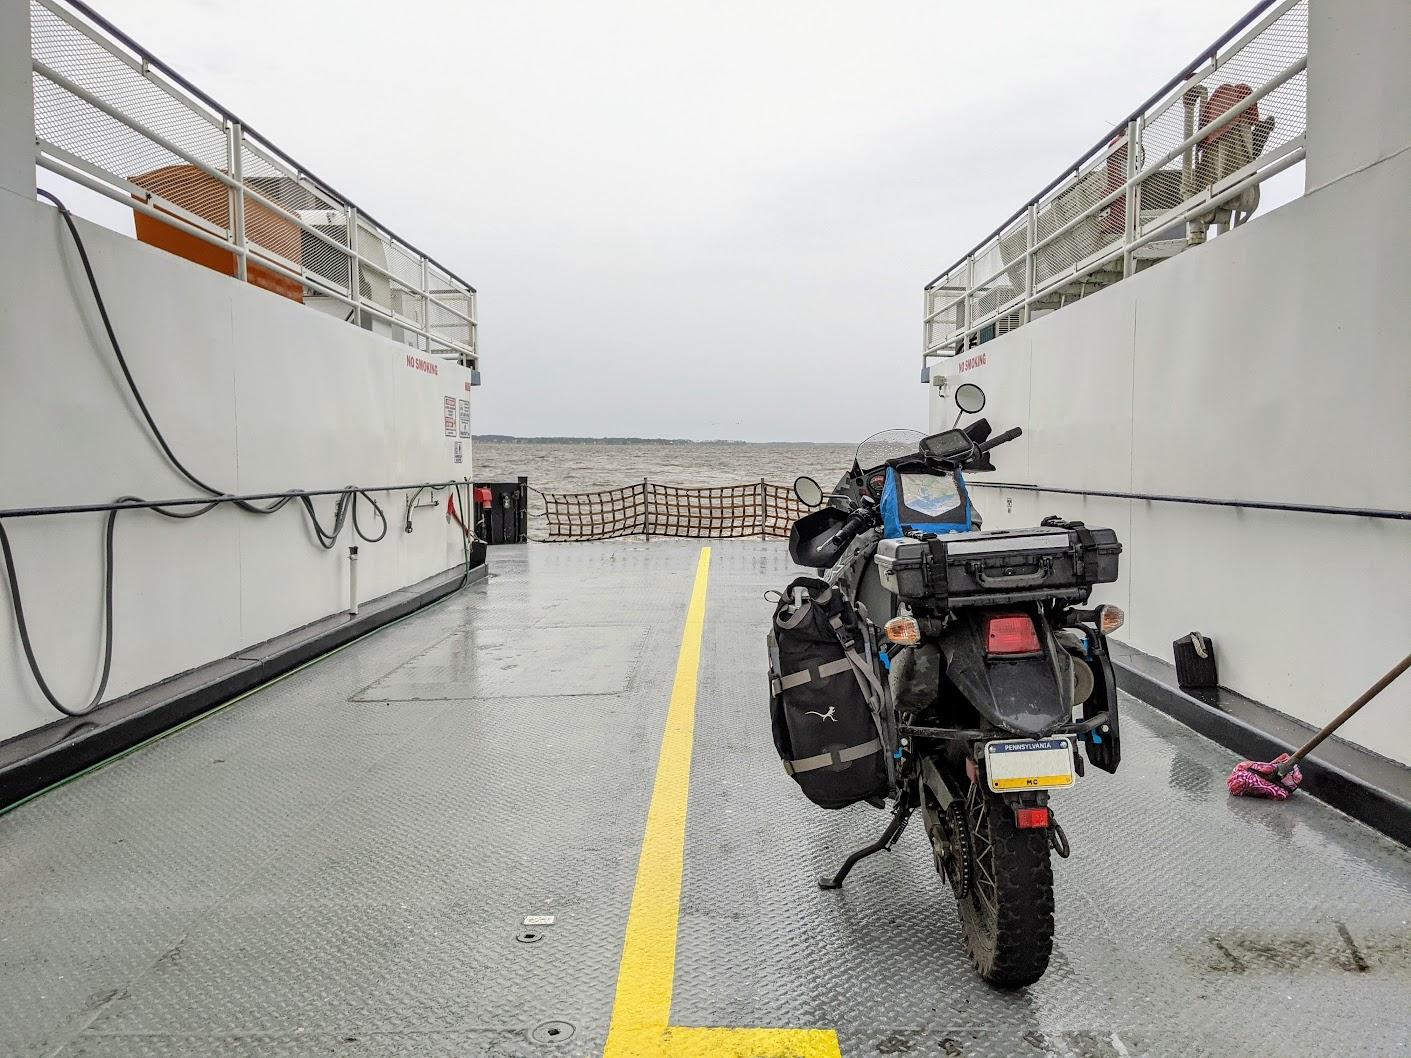 My bike on the Currituck Ferry, NC, USA